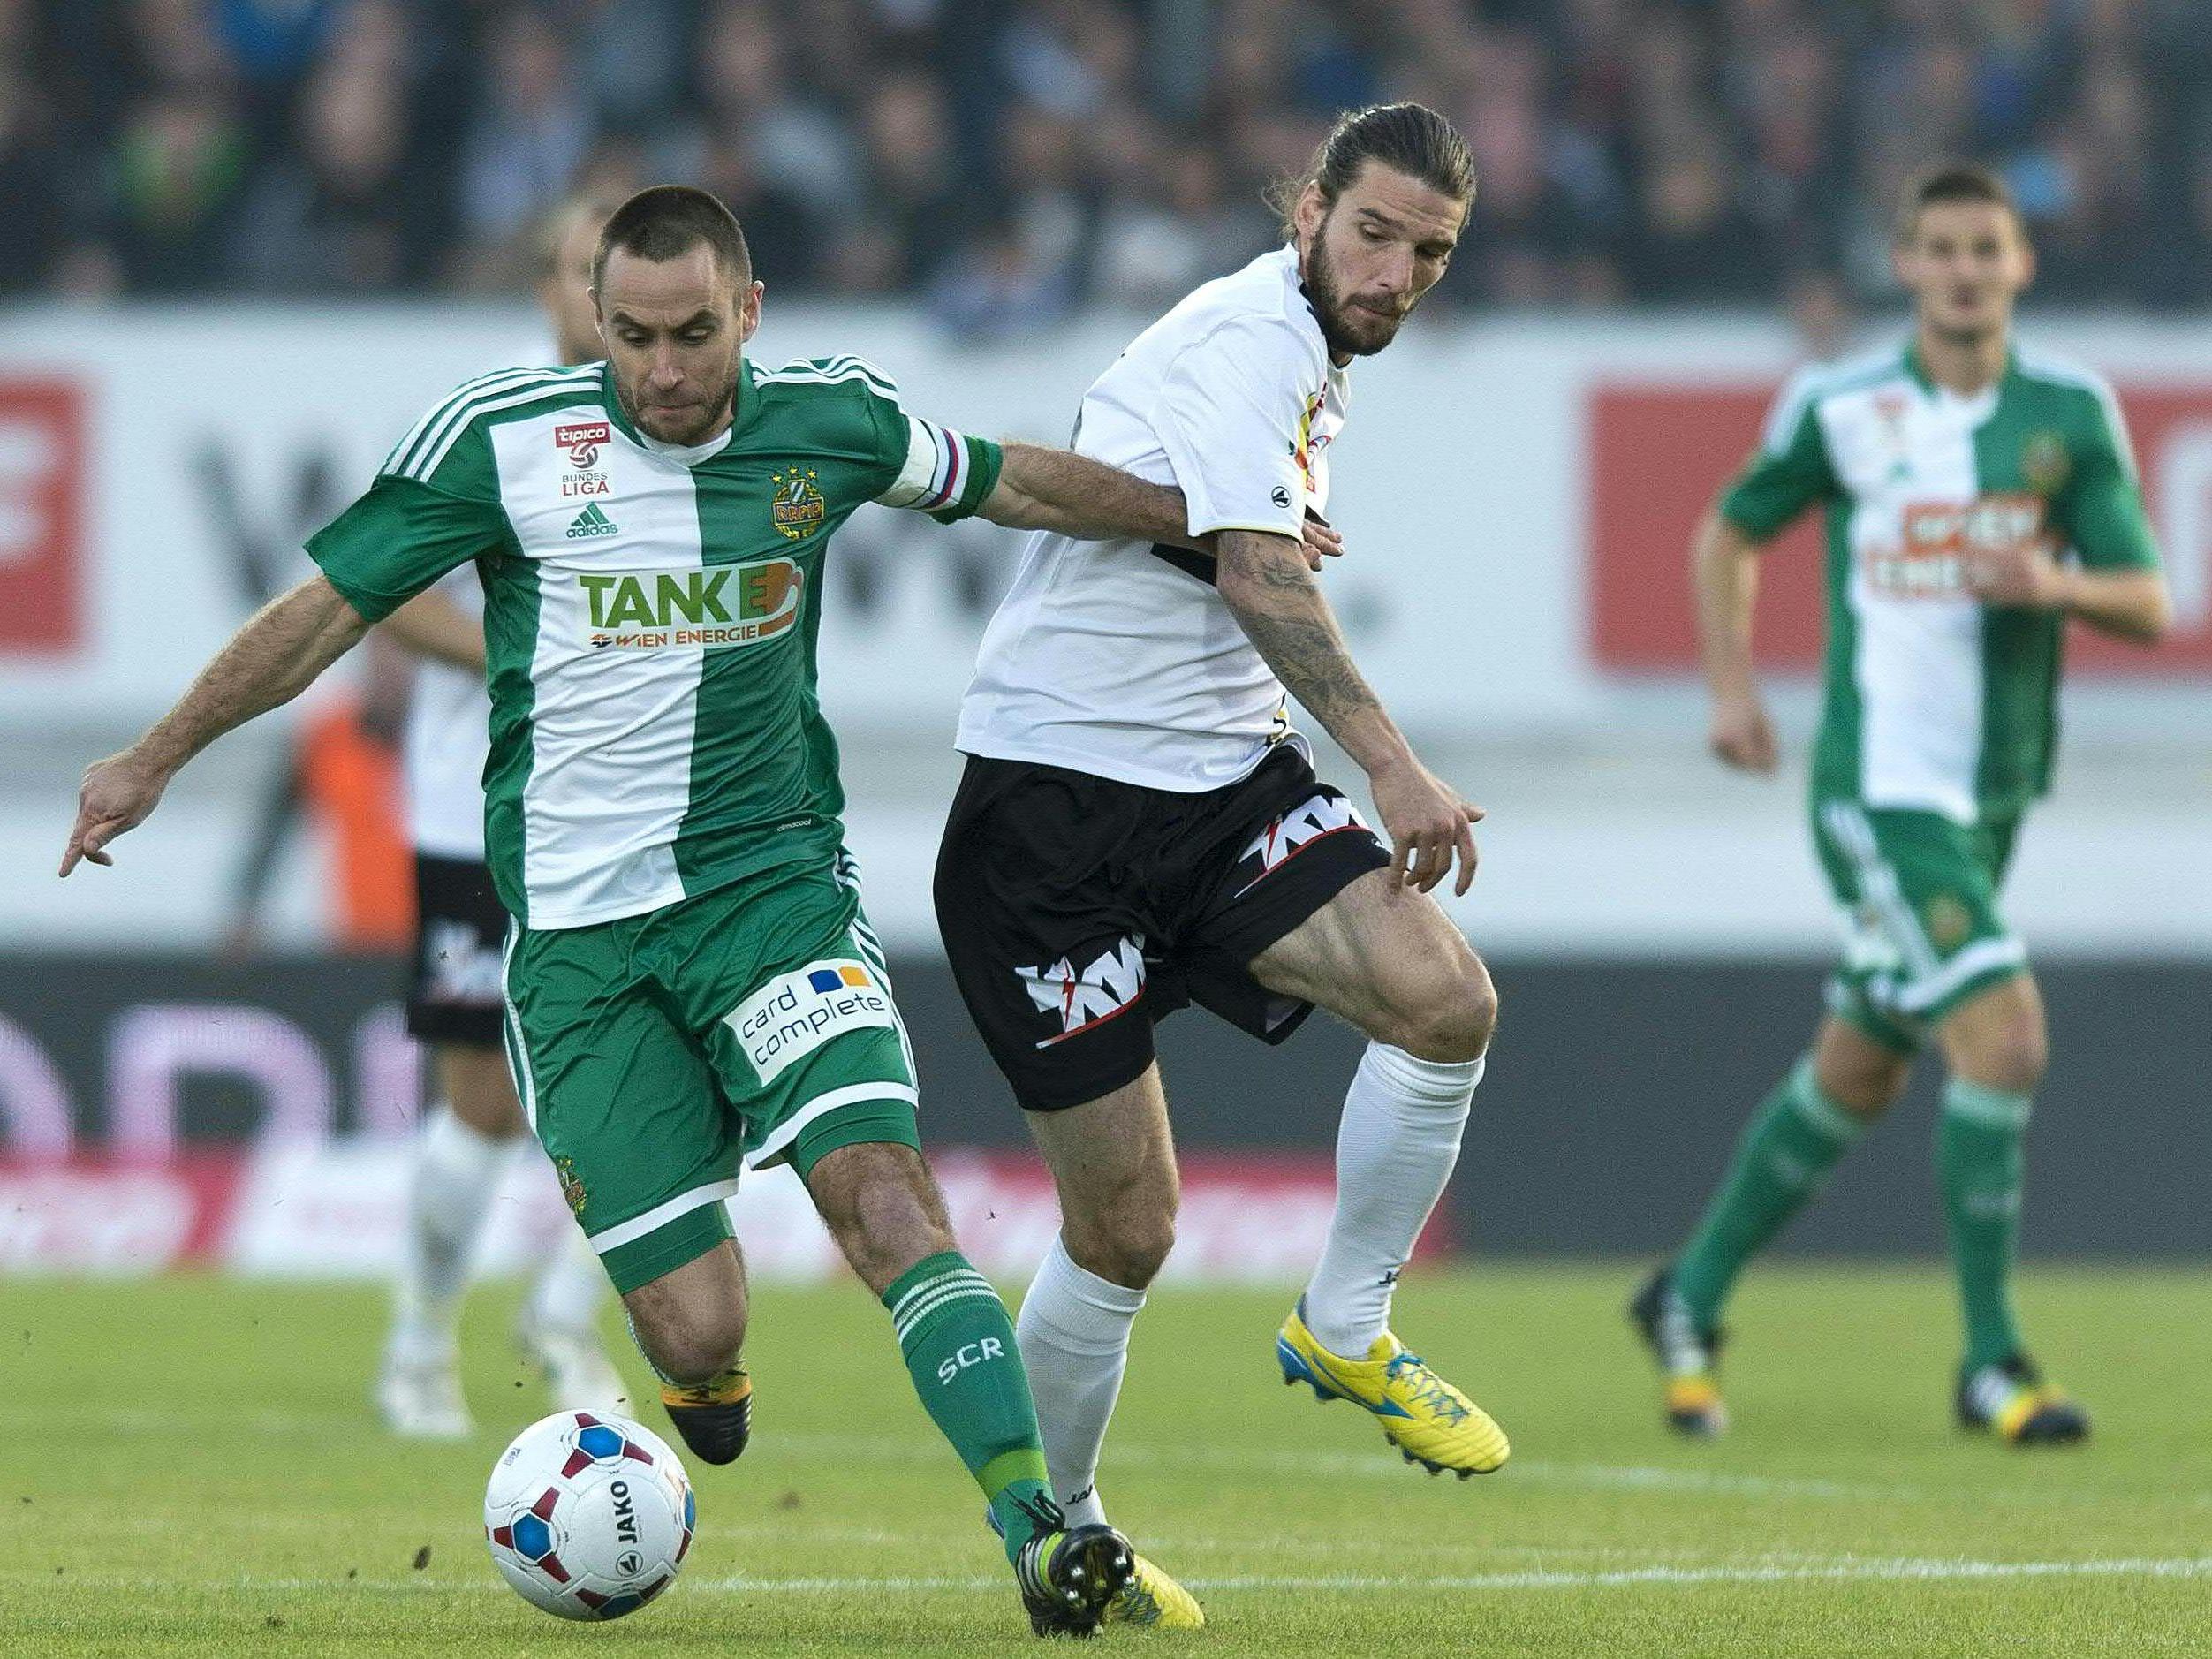 LIVE-Ticker zum Spiel SK Rapid Wien gegen SCR Altach ab 19.00 Uhr.